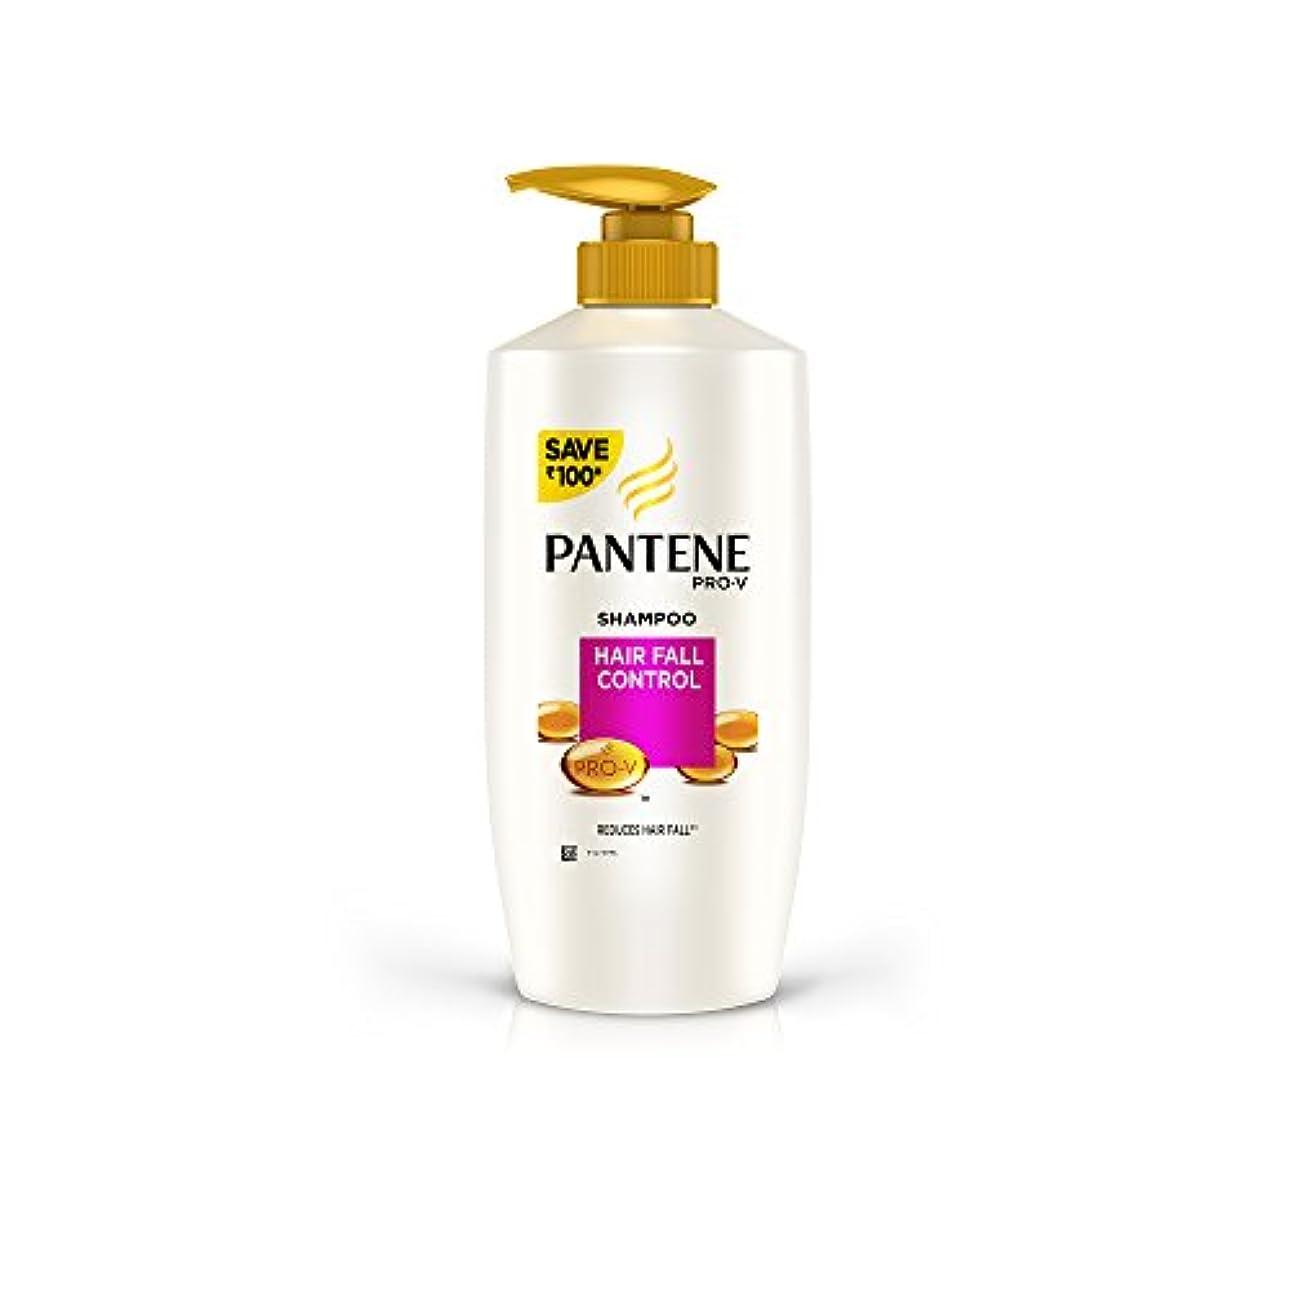 敗北意気消沈した品PANTENE Hair Fall control SHAMPOO 675 ml (PANTENEヘアフォールコントロールシャンプー675ml)